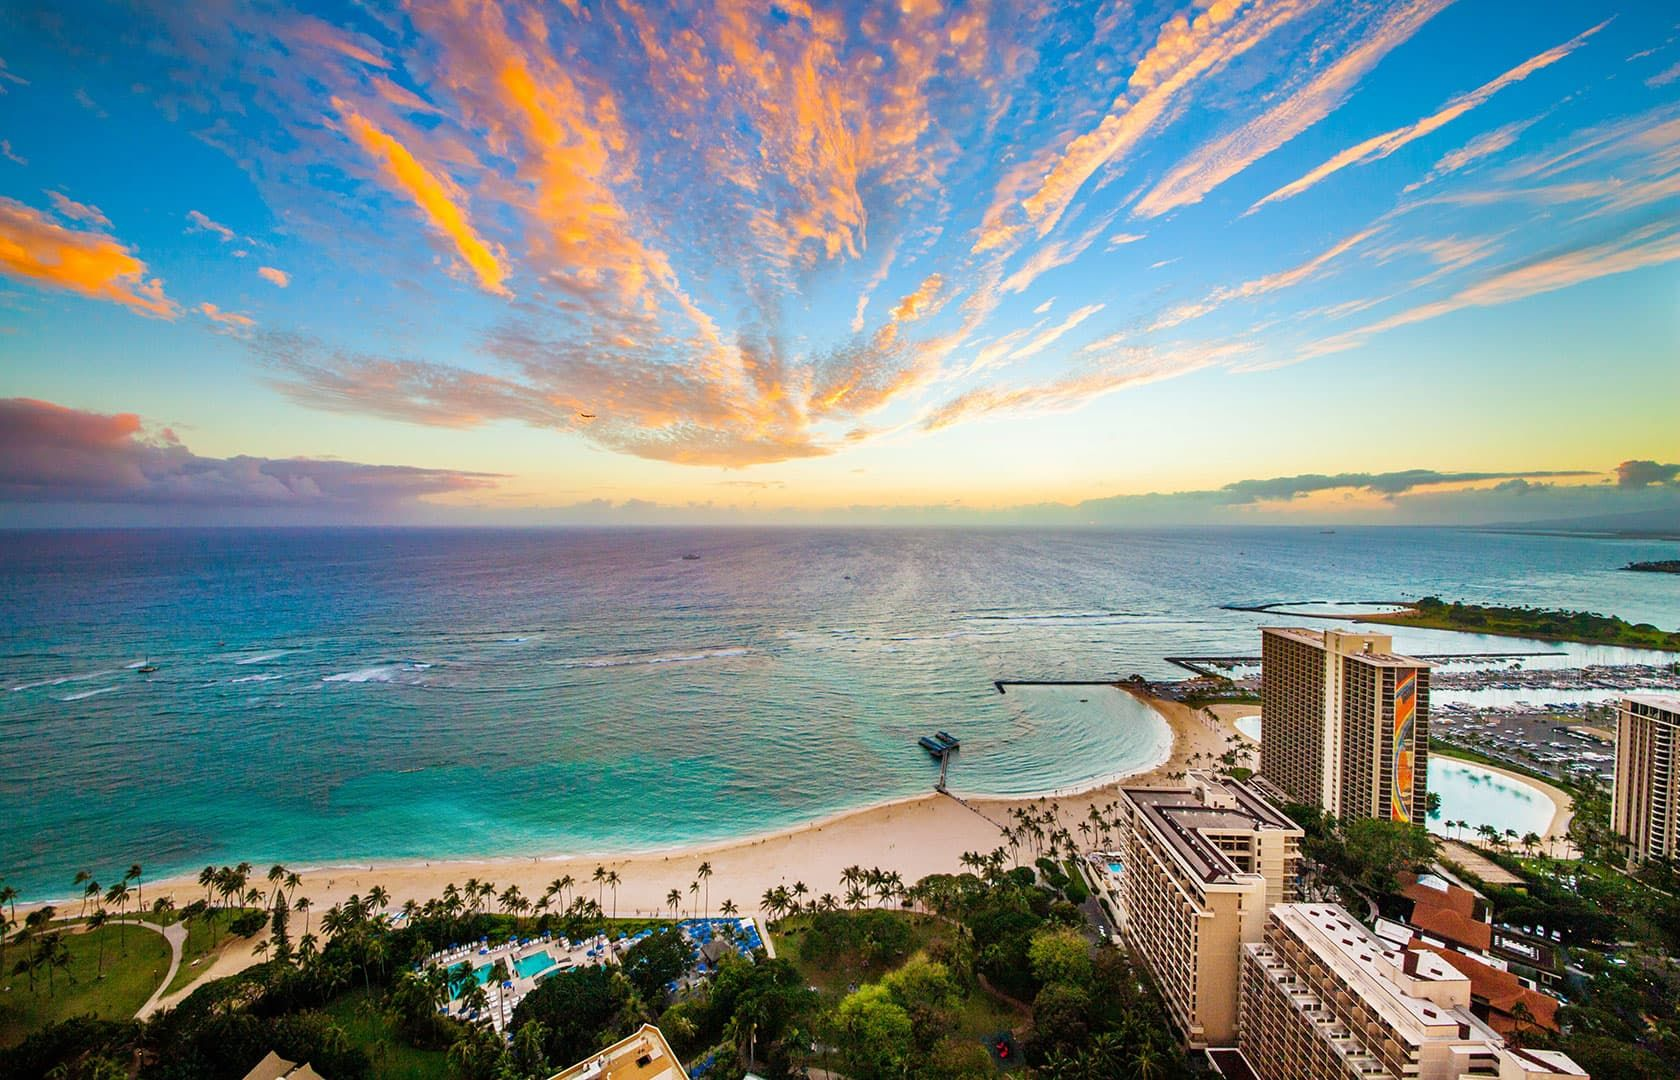 Hilton Hawaiian Village Waikiki Beach Resort Honolulu Hotels